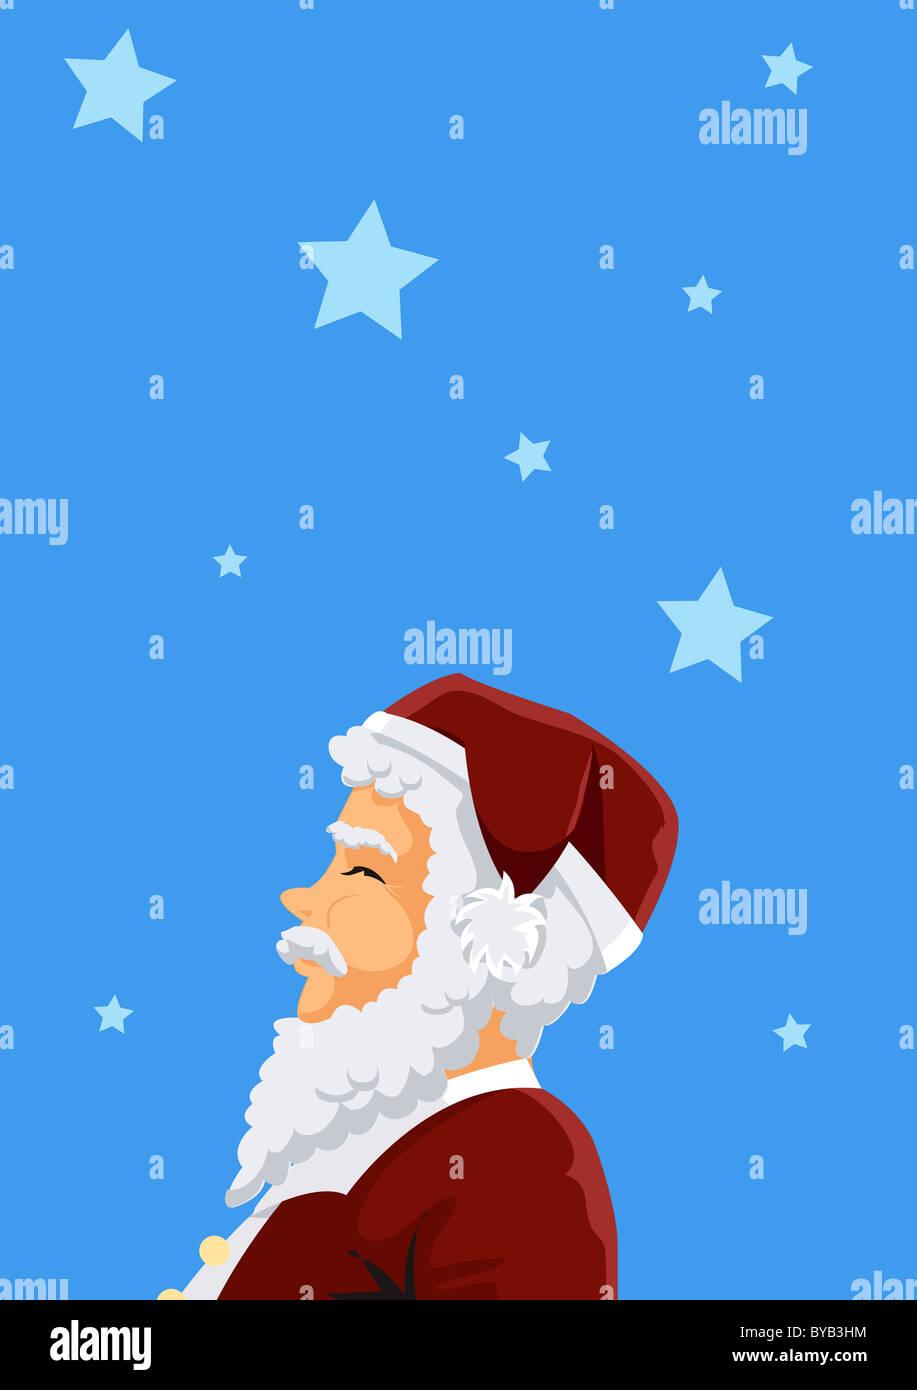 A portrait of Santa Claus - Stock Image